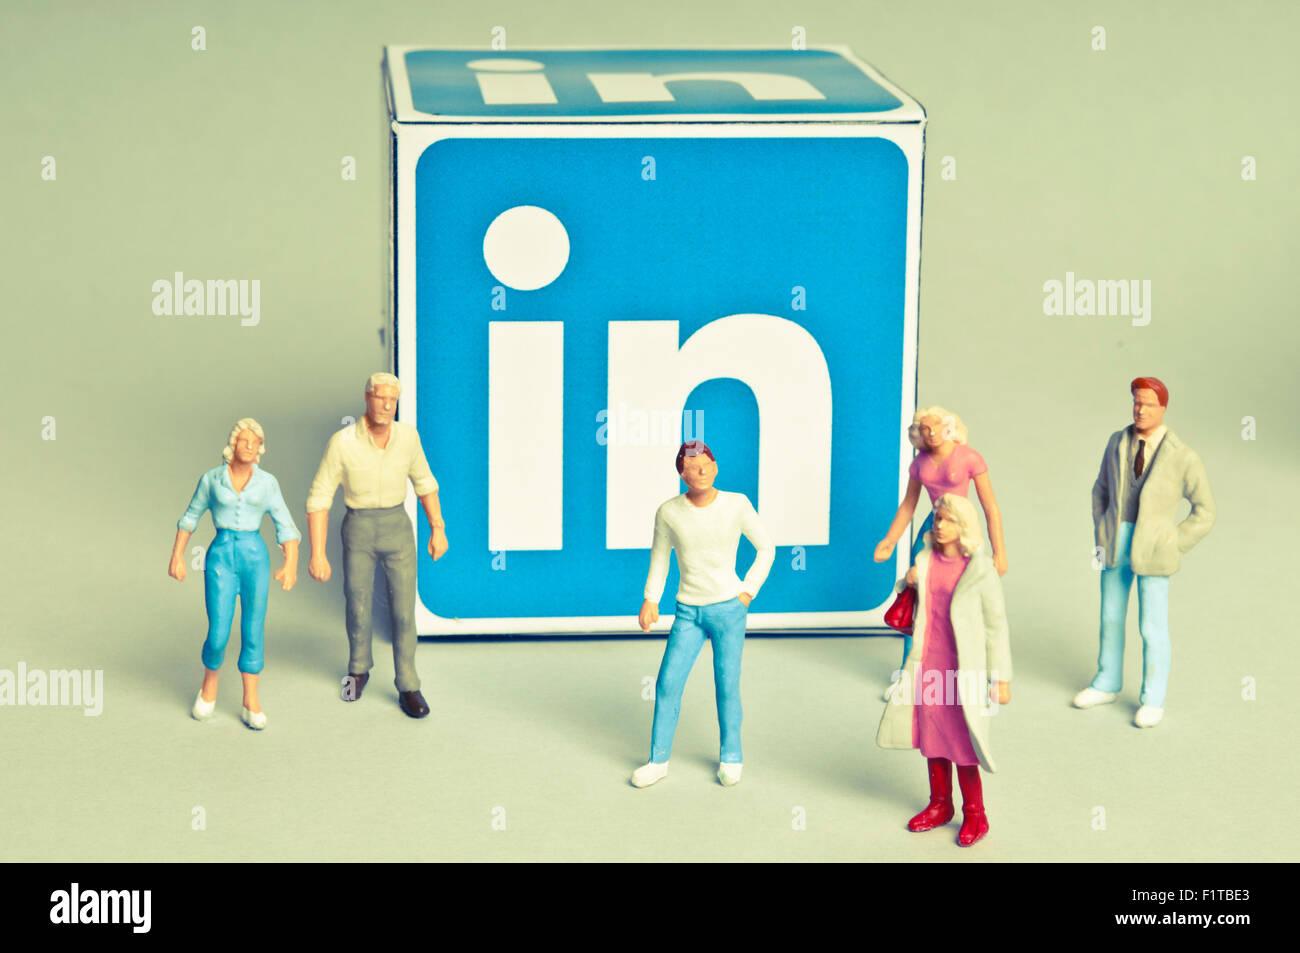 Linkedin social media concept - Stock Image